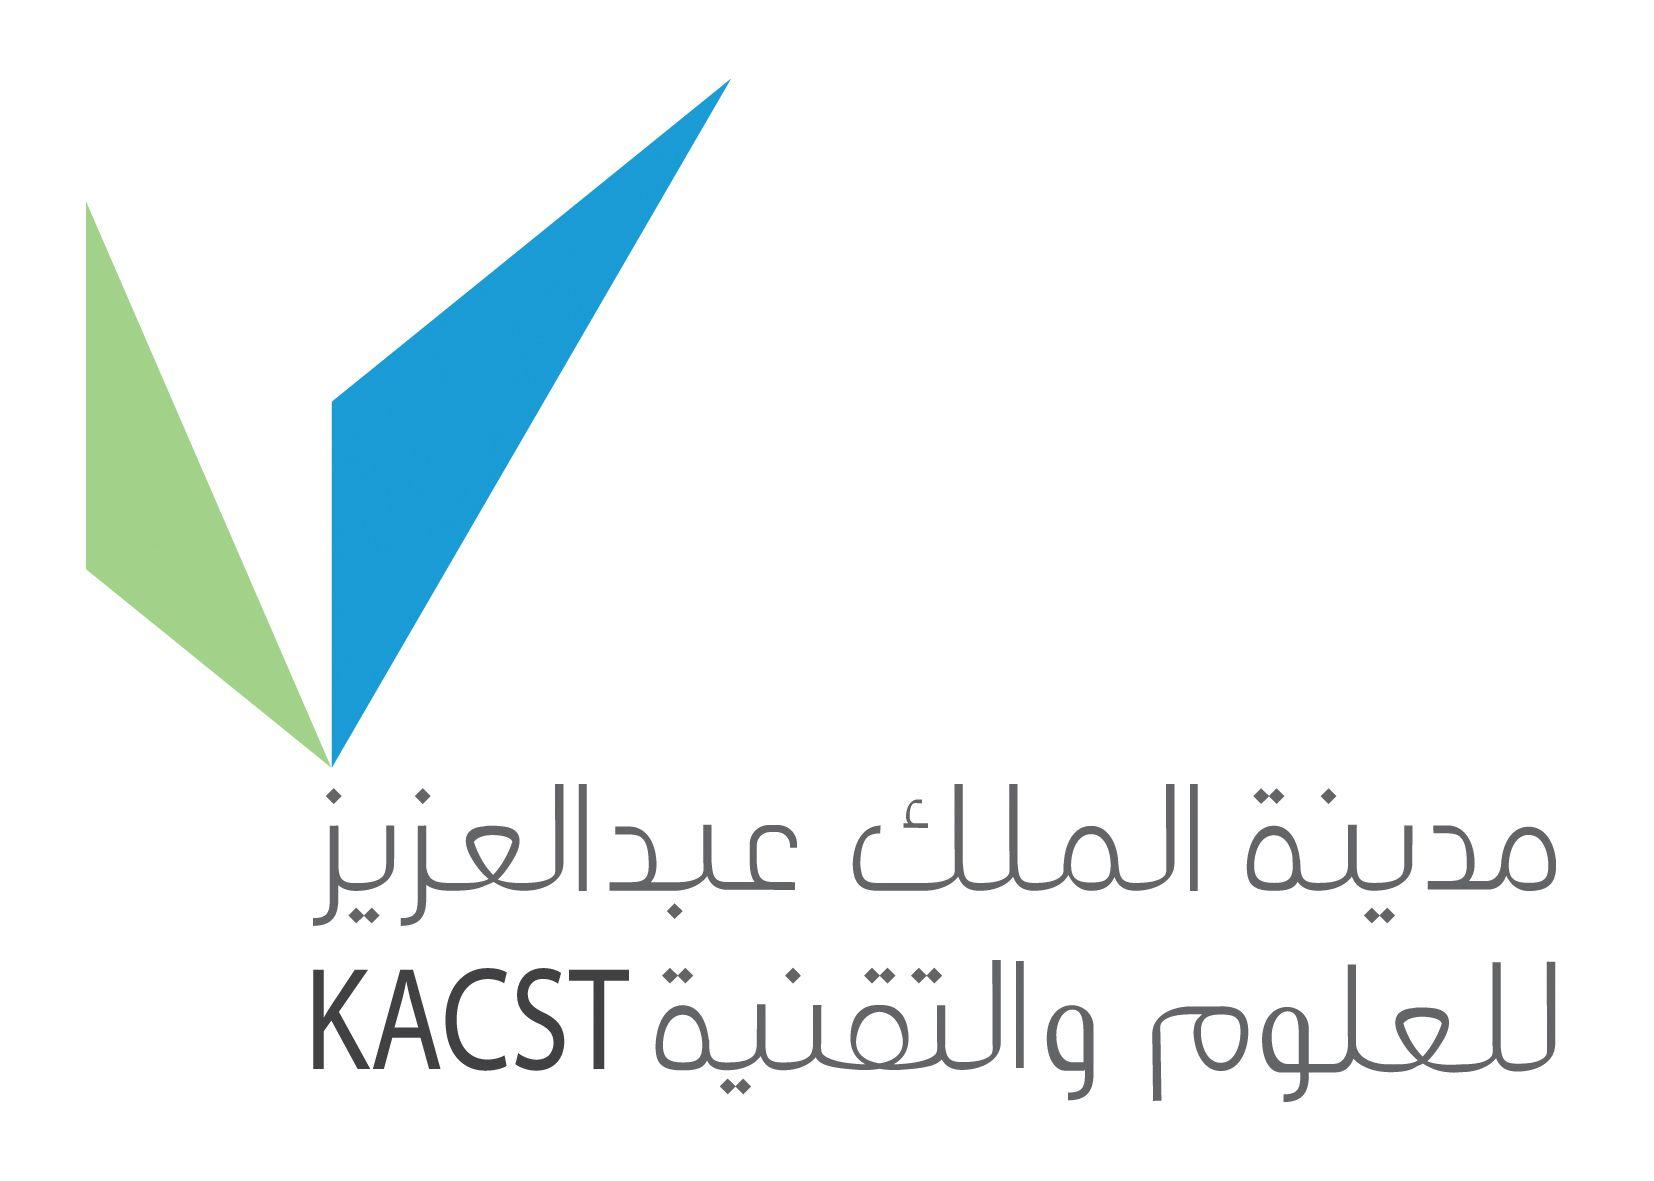 مدينة الملك عبدالعزيز للعلوم والتقنية تعلن أسماء الفائزين بمسابقة حديث العلوم صحيفة وطني الحبيب الإلكترونية